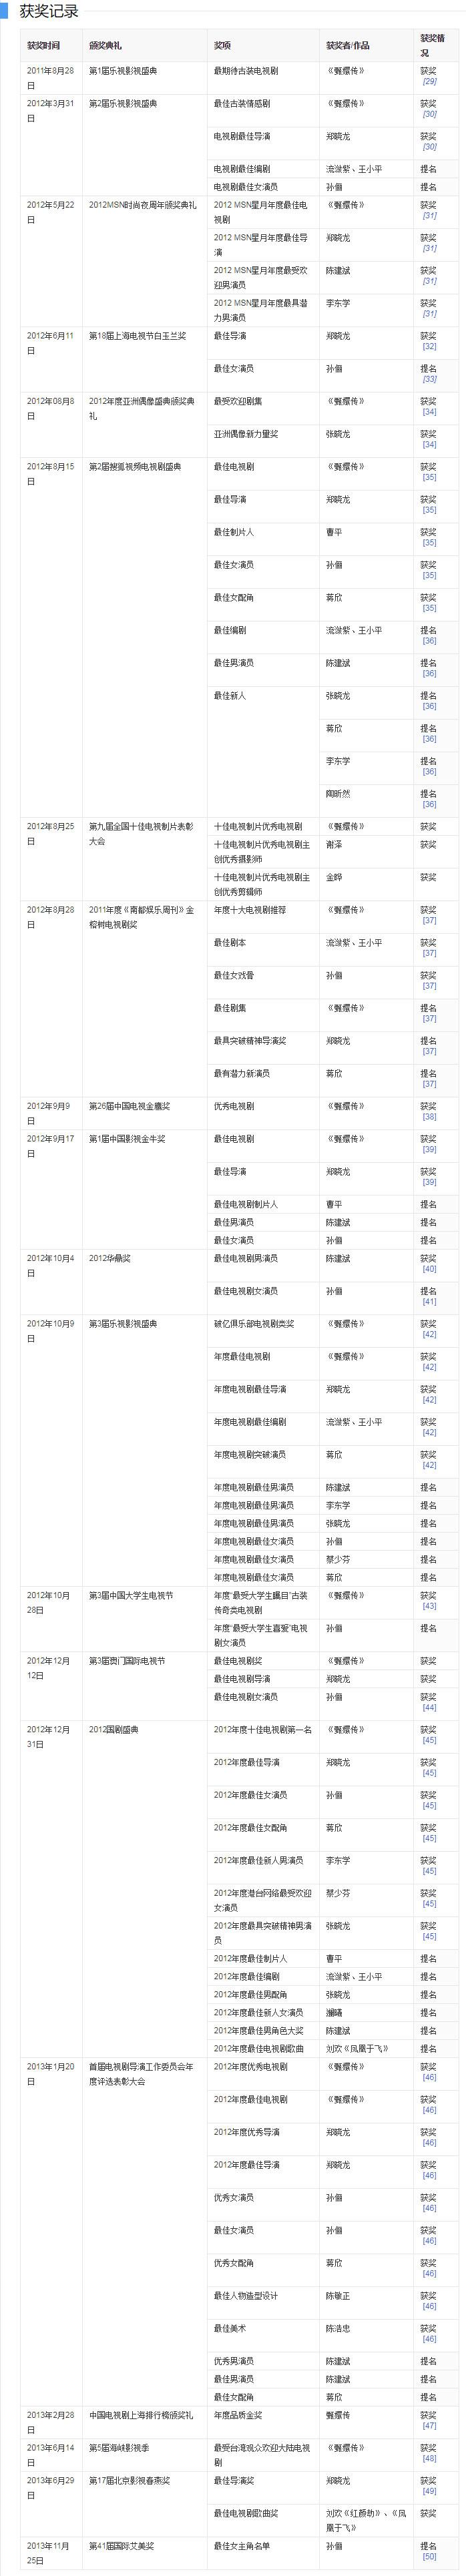 《甄嬛传》获得第26届中国电视金鹰奖优秀电视剧奖等多项奖项